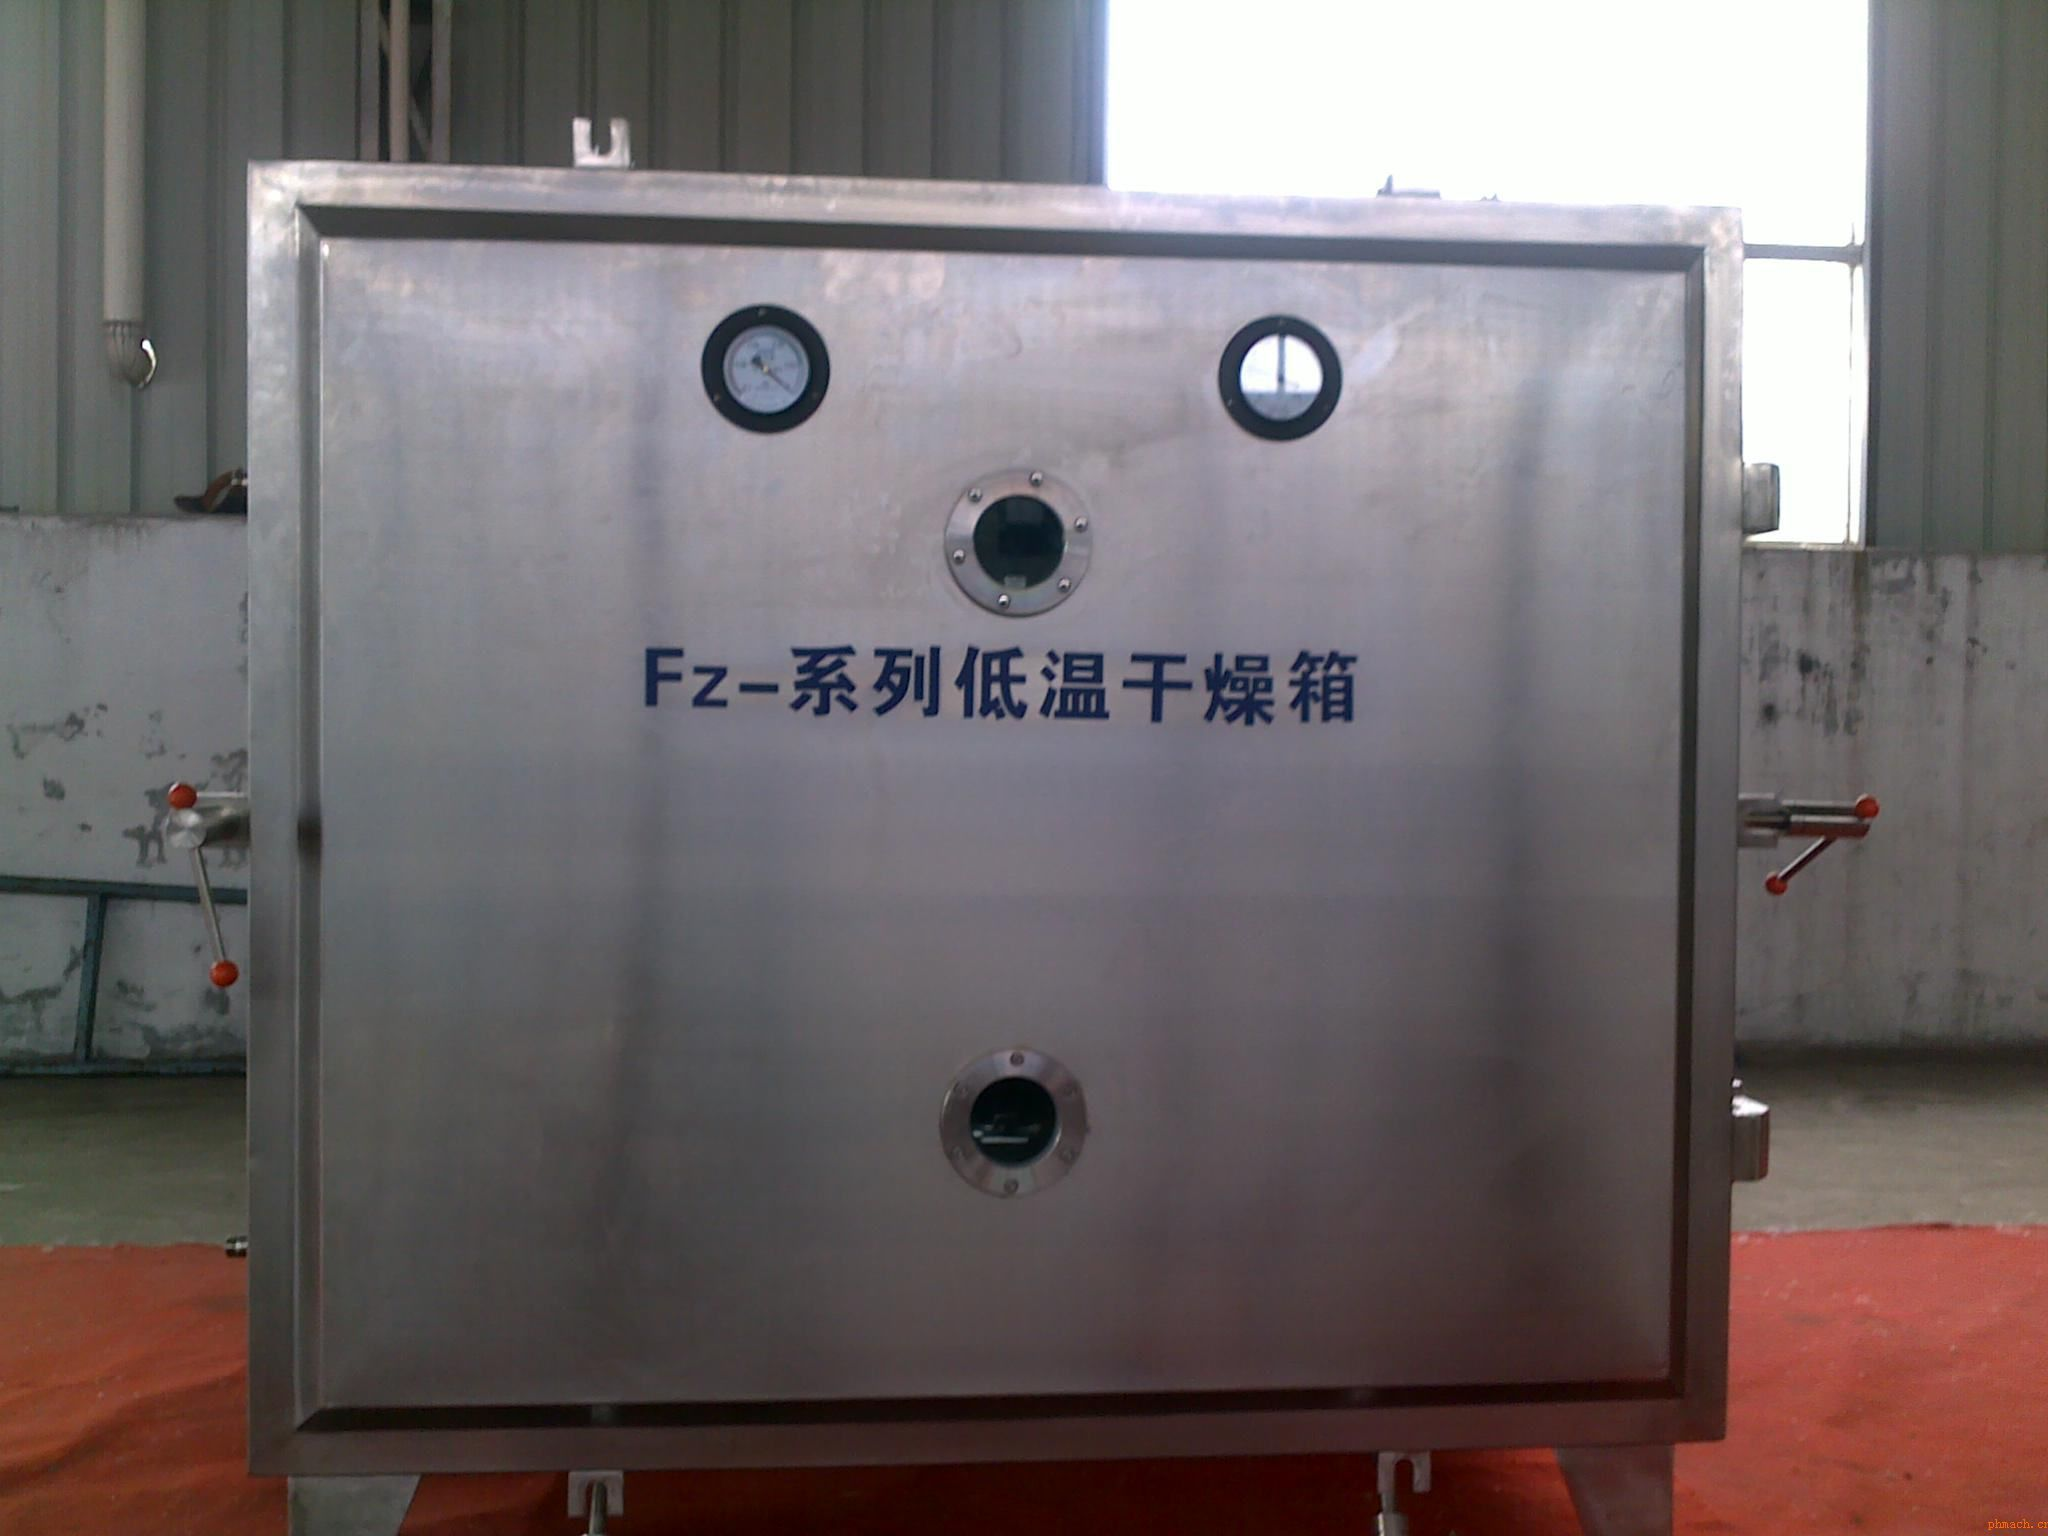 一、用途: 本低温真空干燥箱广泛用于医药、食品、轻工、化工等行业作低温干燥之用,具有干燥物品速度快、污染小、不对被干燥物品的内在质量造成破坏的优点。 二、工作原理: 真空干燥是将干燥物料处于真空条件下进行加热干燥。它是利用真空泵进行抽气抽湿,使工作室内形成真空状态,降低水的沸点,加快干燥的速度。 三、产品特点: 本机能在较低温度下得到较高的干燥速率,热量利用充分,适用于对热敏性物料和含有容剂及需回收溶剂物料的干燥。在干燥前可进行消毒处理,干燥过程中任何不纯物无混入,本干燥器属于静态真空干燥器,故干燥物料的